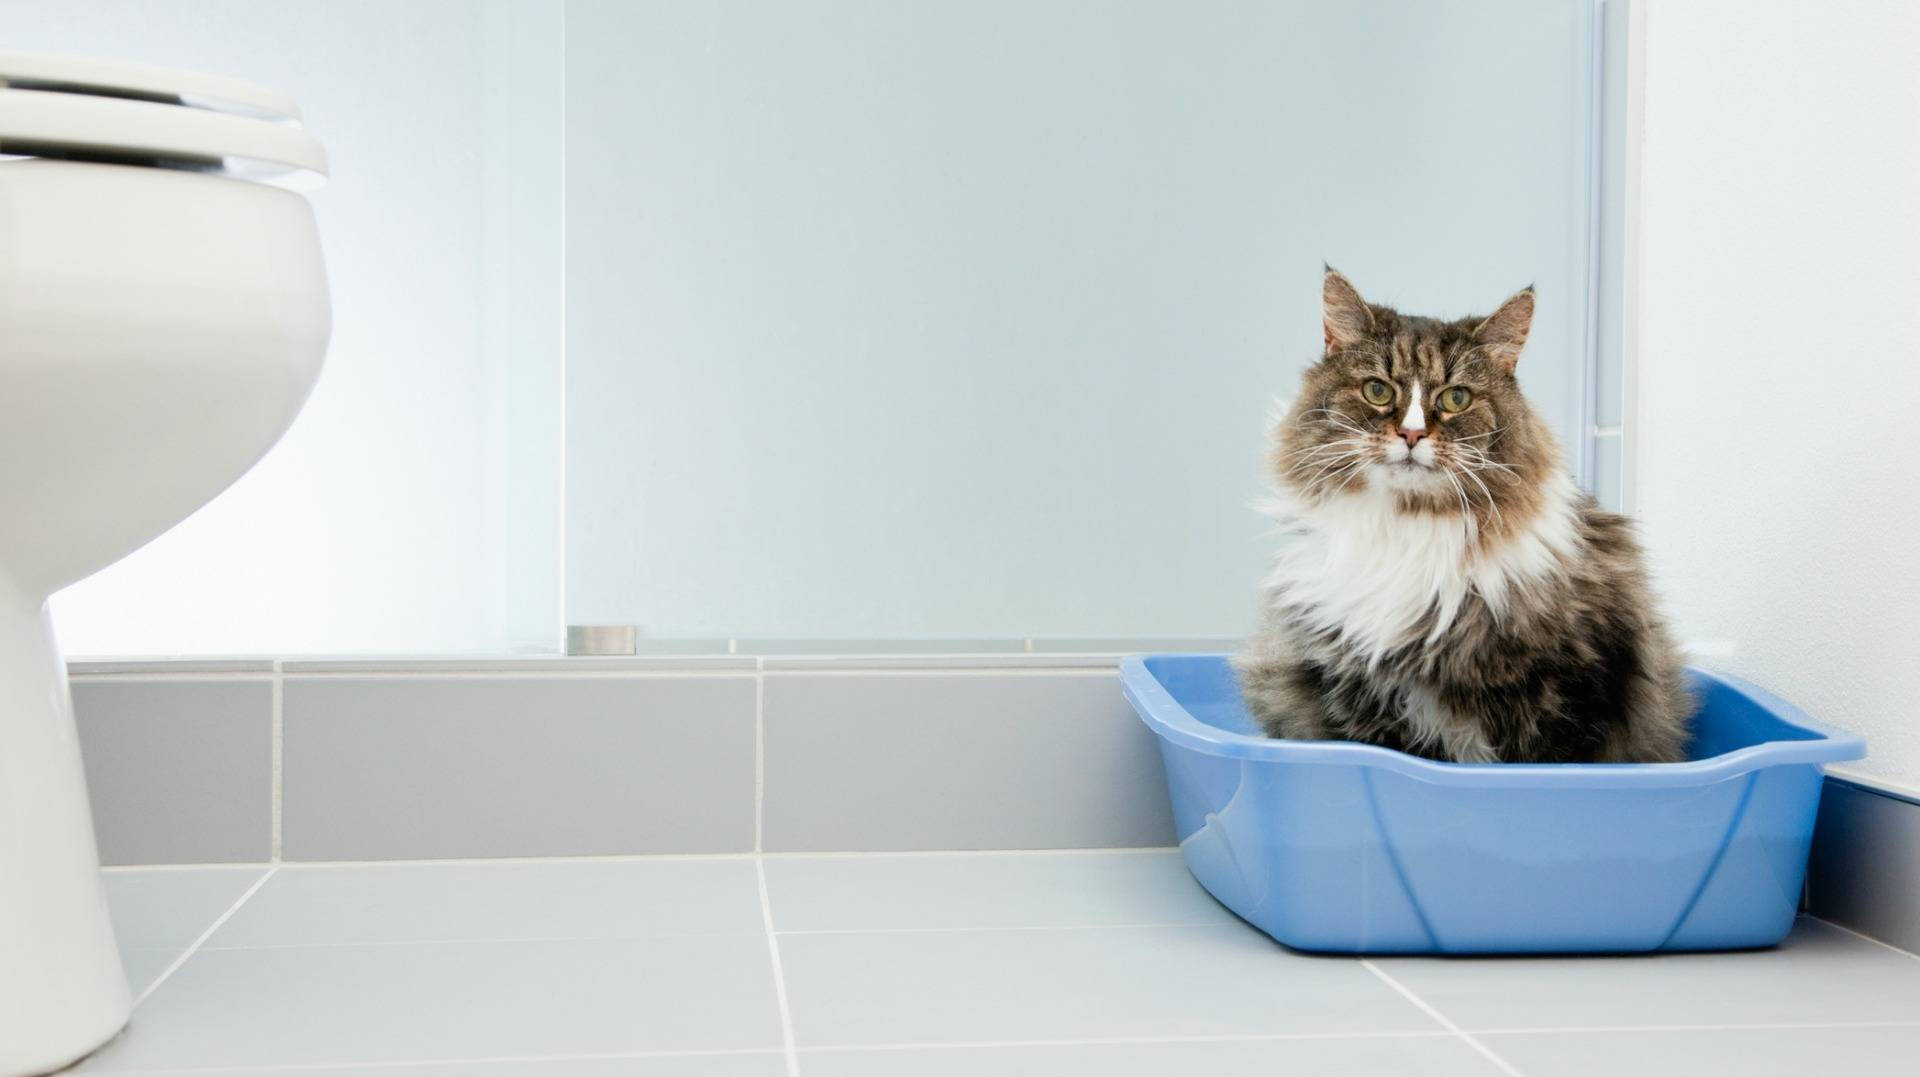 Кот писает кровью: причины, первая помощь, лечение кот писает кровью: причины, первая помощь, лечение